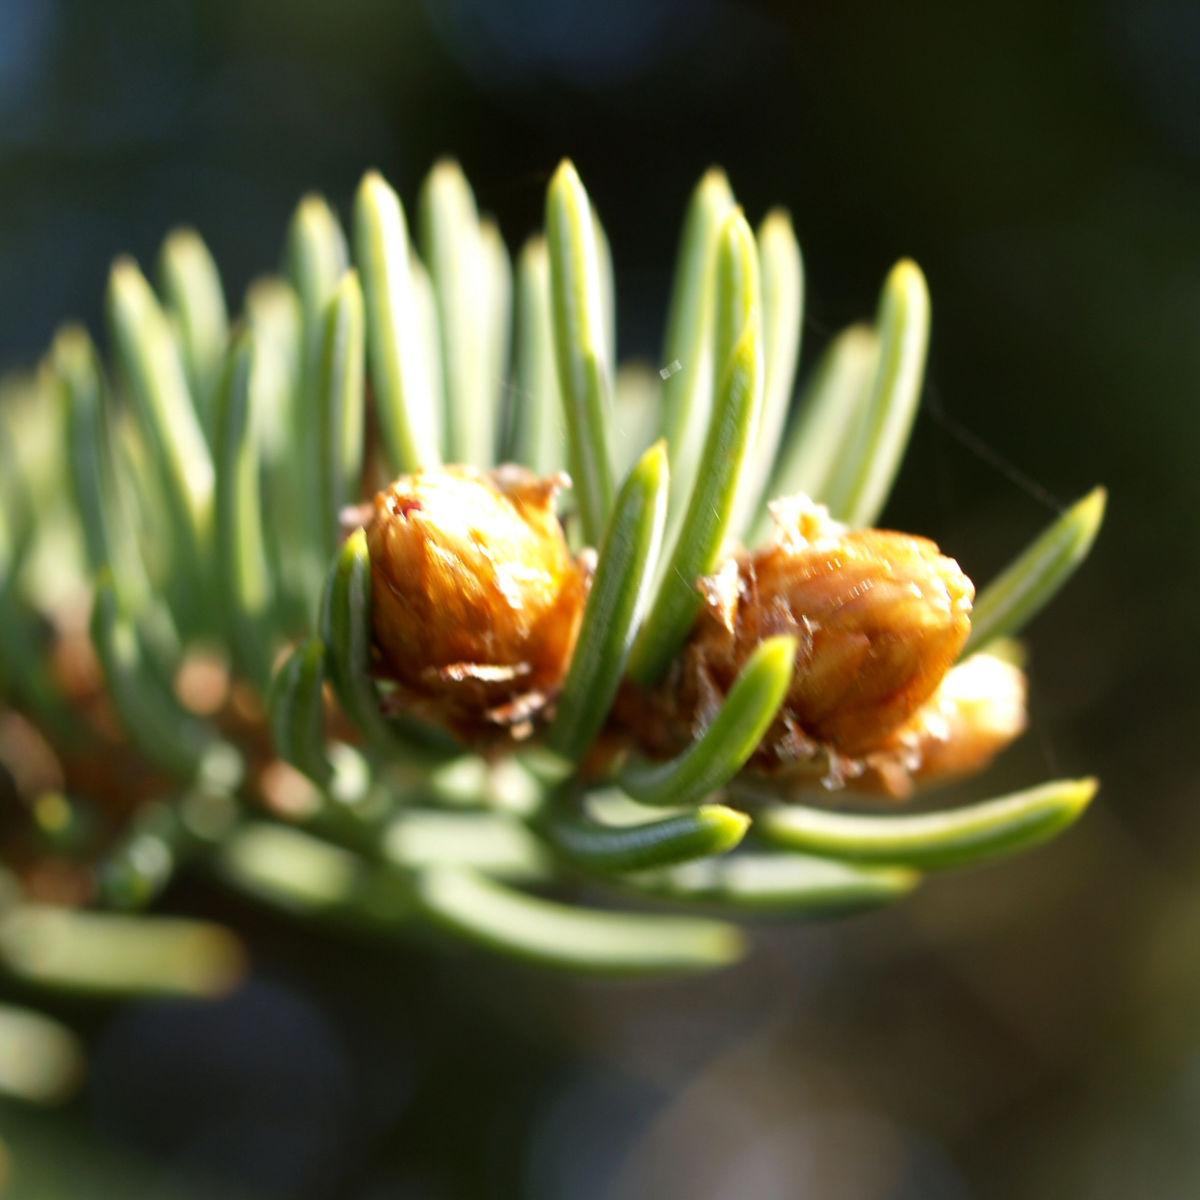 Rauhe Fichte Nadel gruen Picea asperata